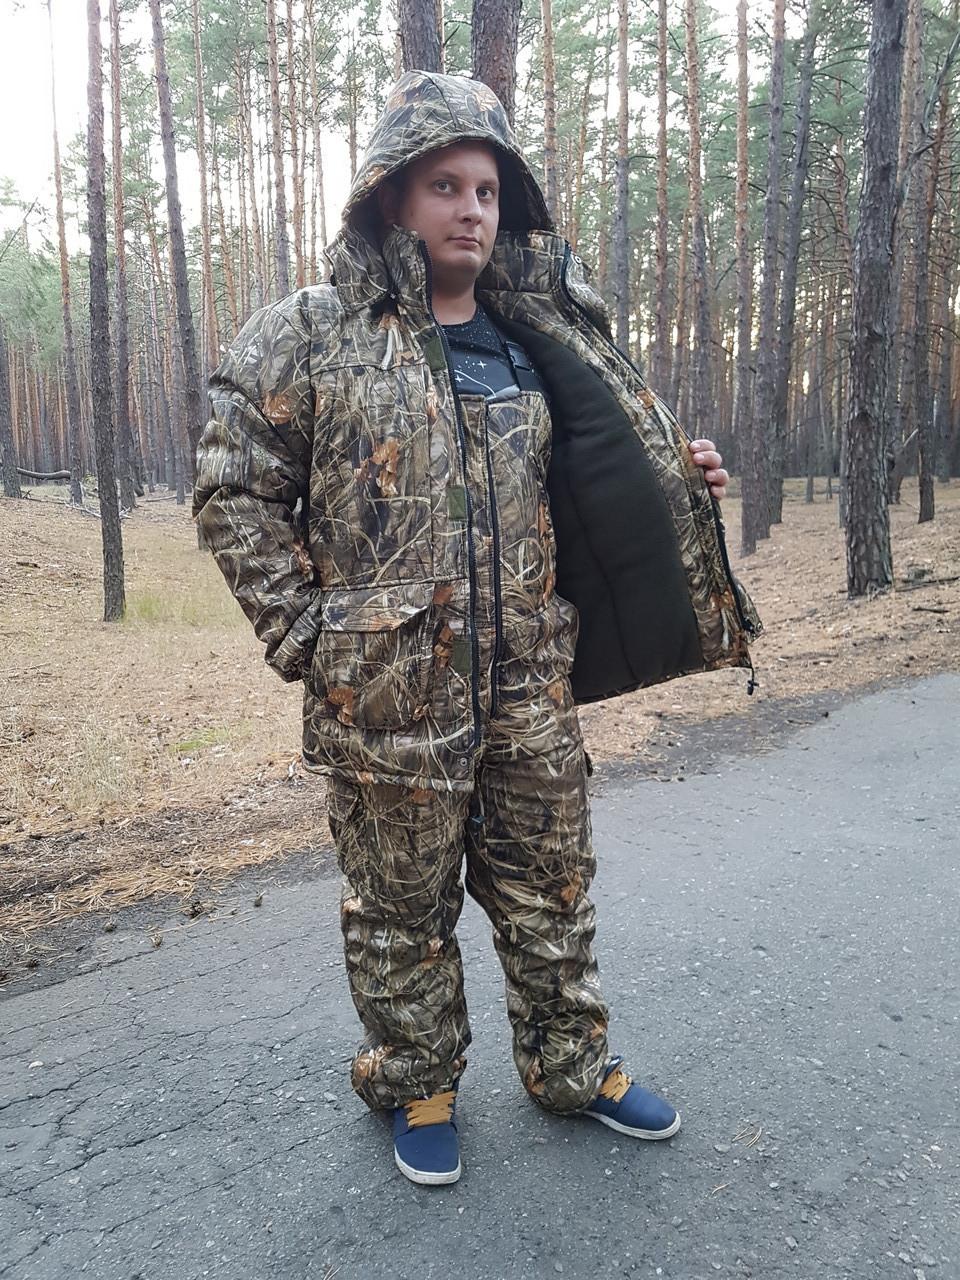 Зимний  костюм для рыбалки и охоты   Камыш из ткани Дюспобондинг  усиленный   Супер качество !!!!